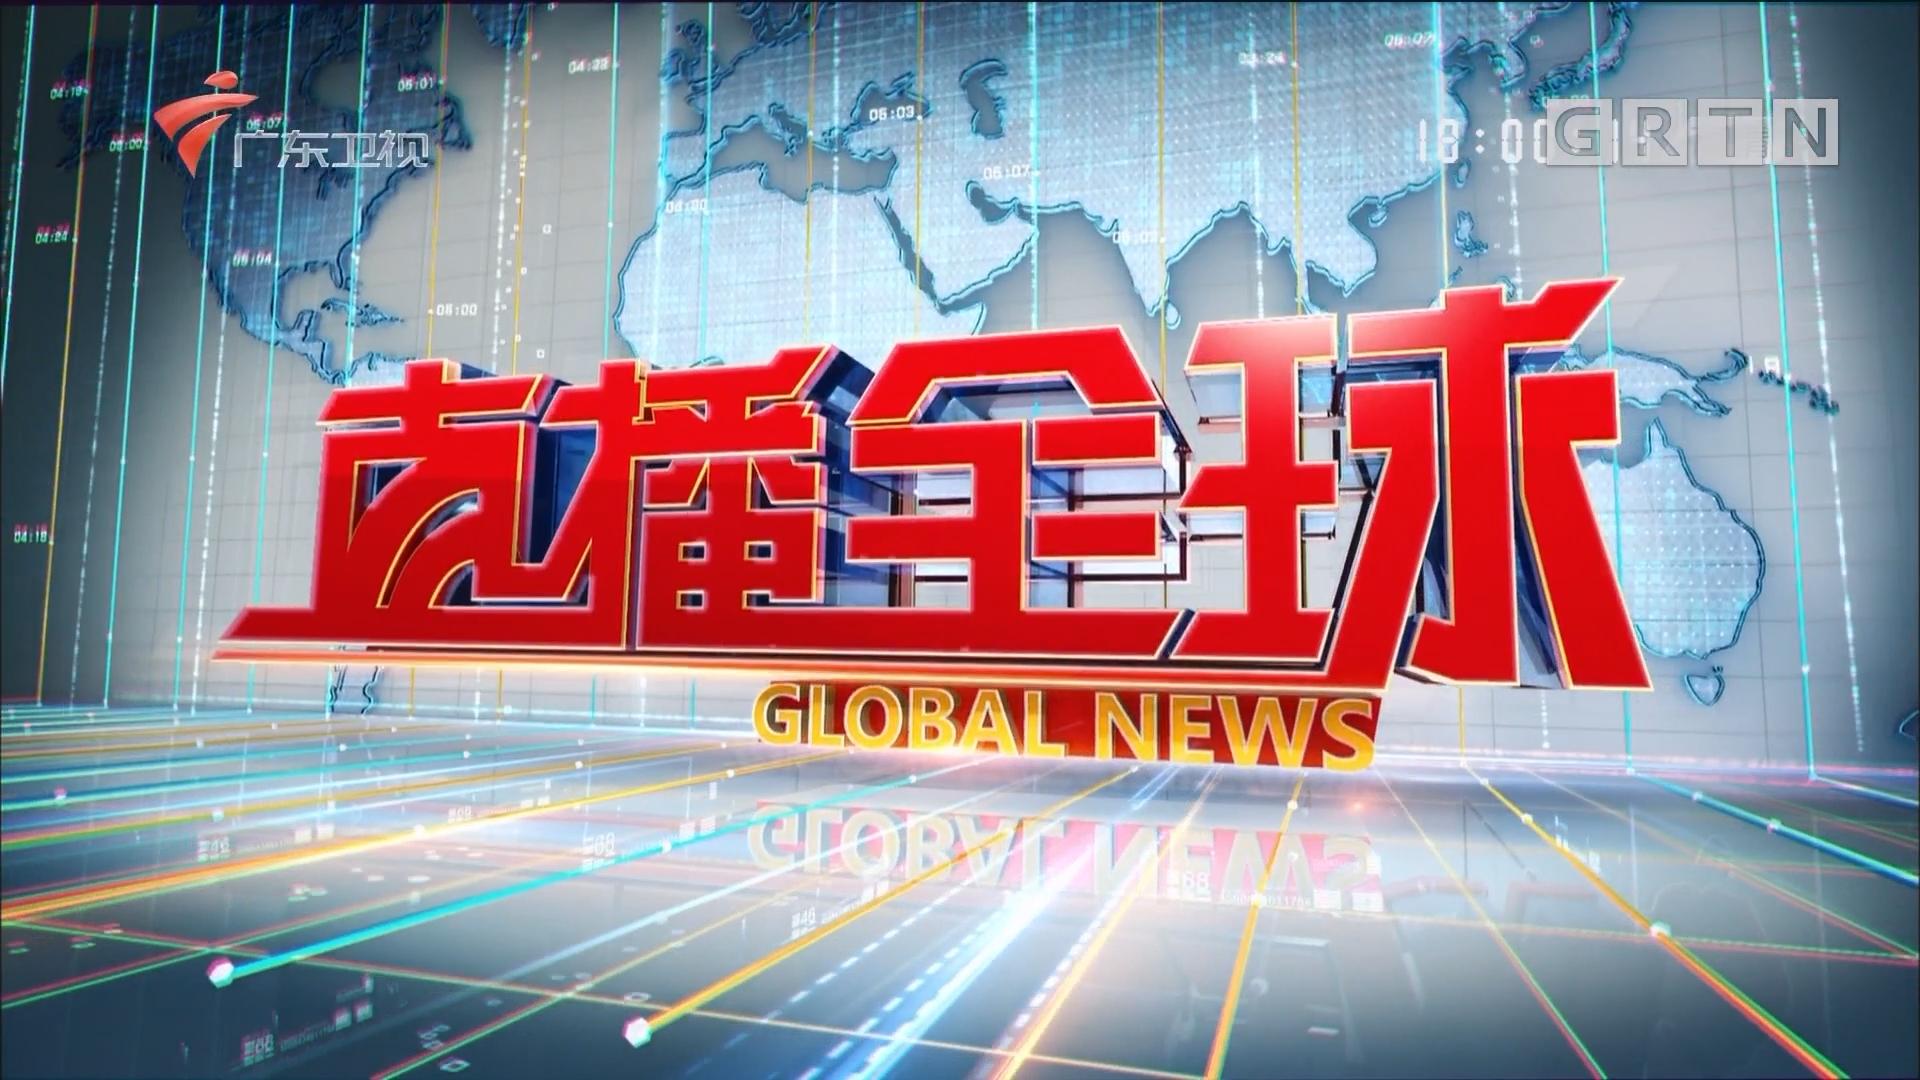 [HD][2018-01-09]直播全球:马克龙访华进行时 首战西安参观古迹 延长参观大雁塔时间引关注